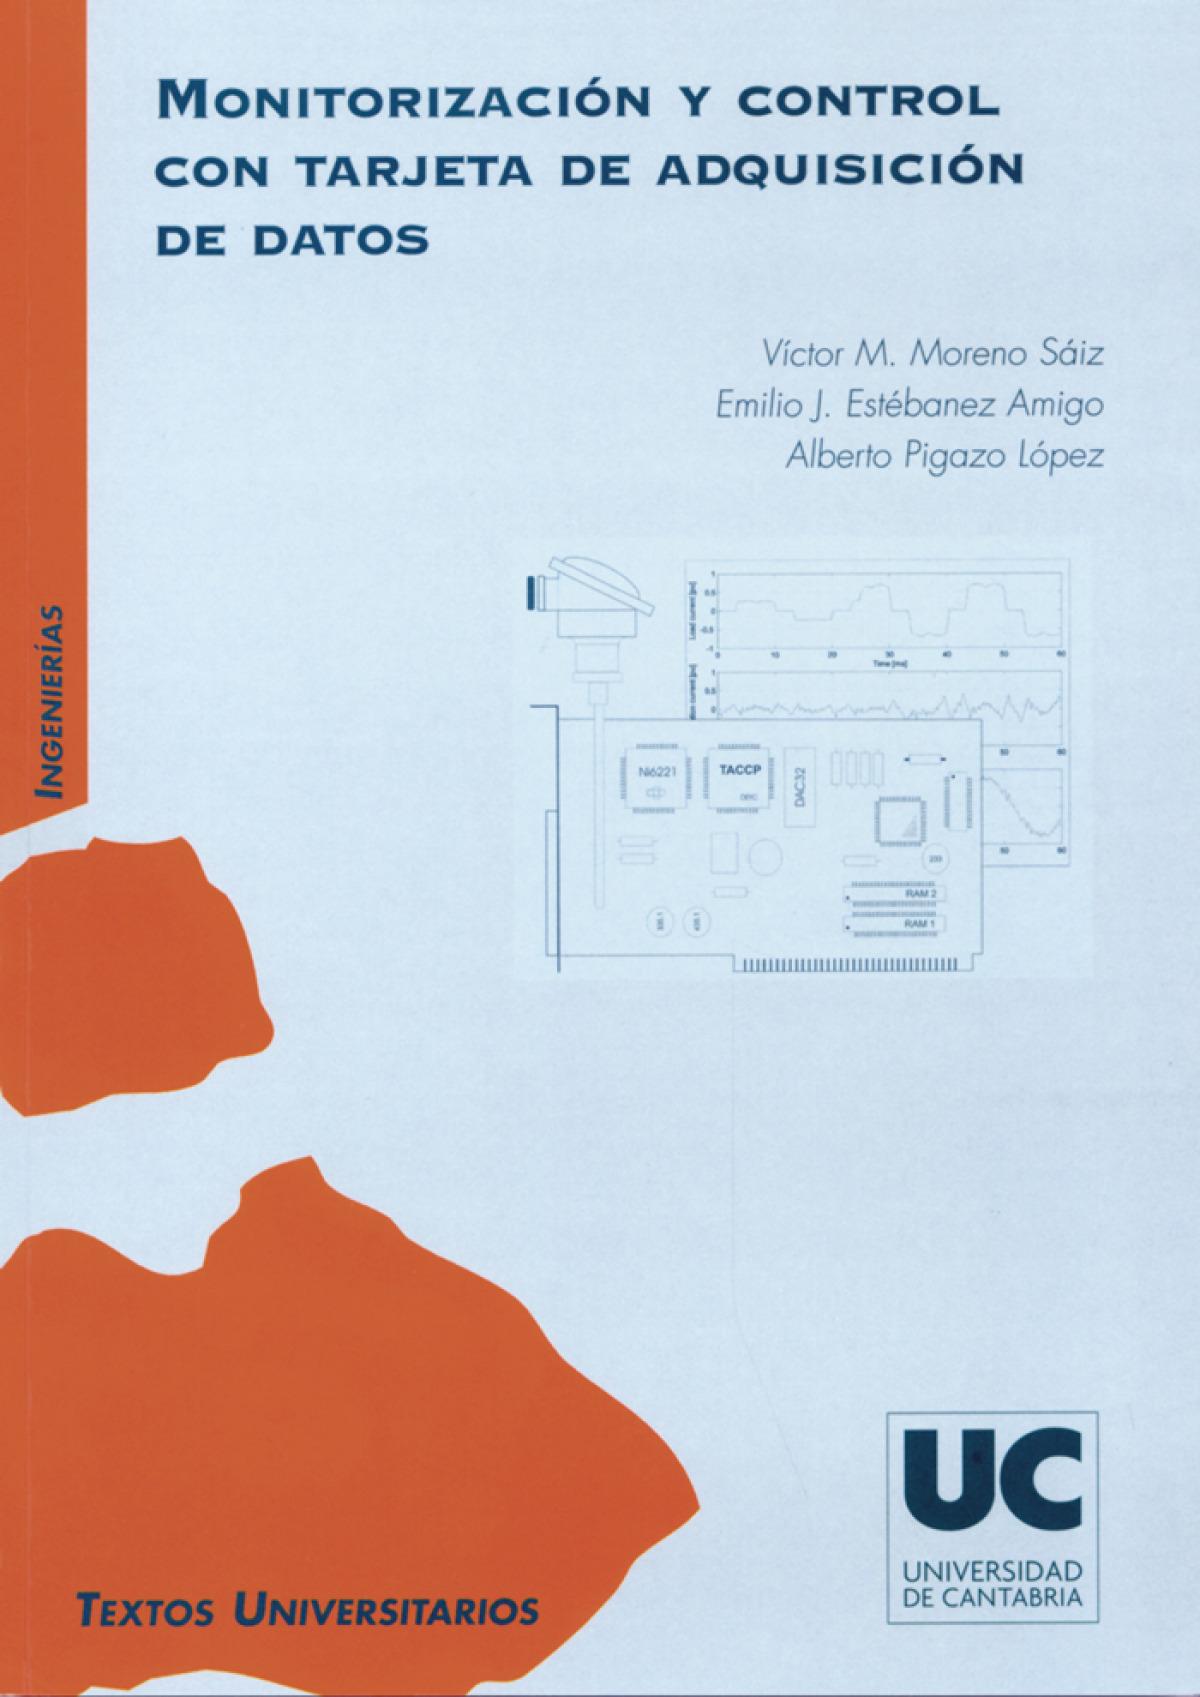 Monitorización y control con tarjeta de adquisición de datos - Moreno Sáiz, Víctor M./Estébanez Amigo,